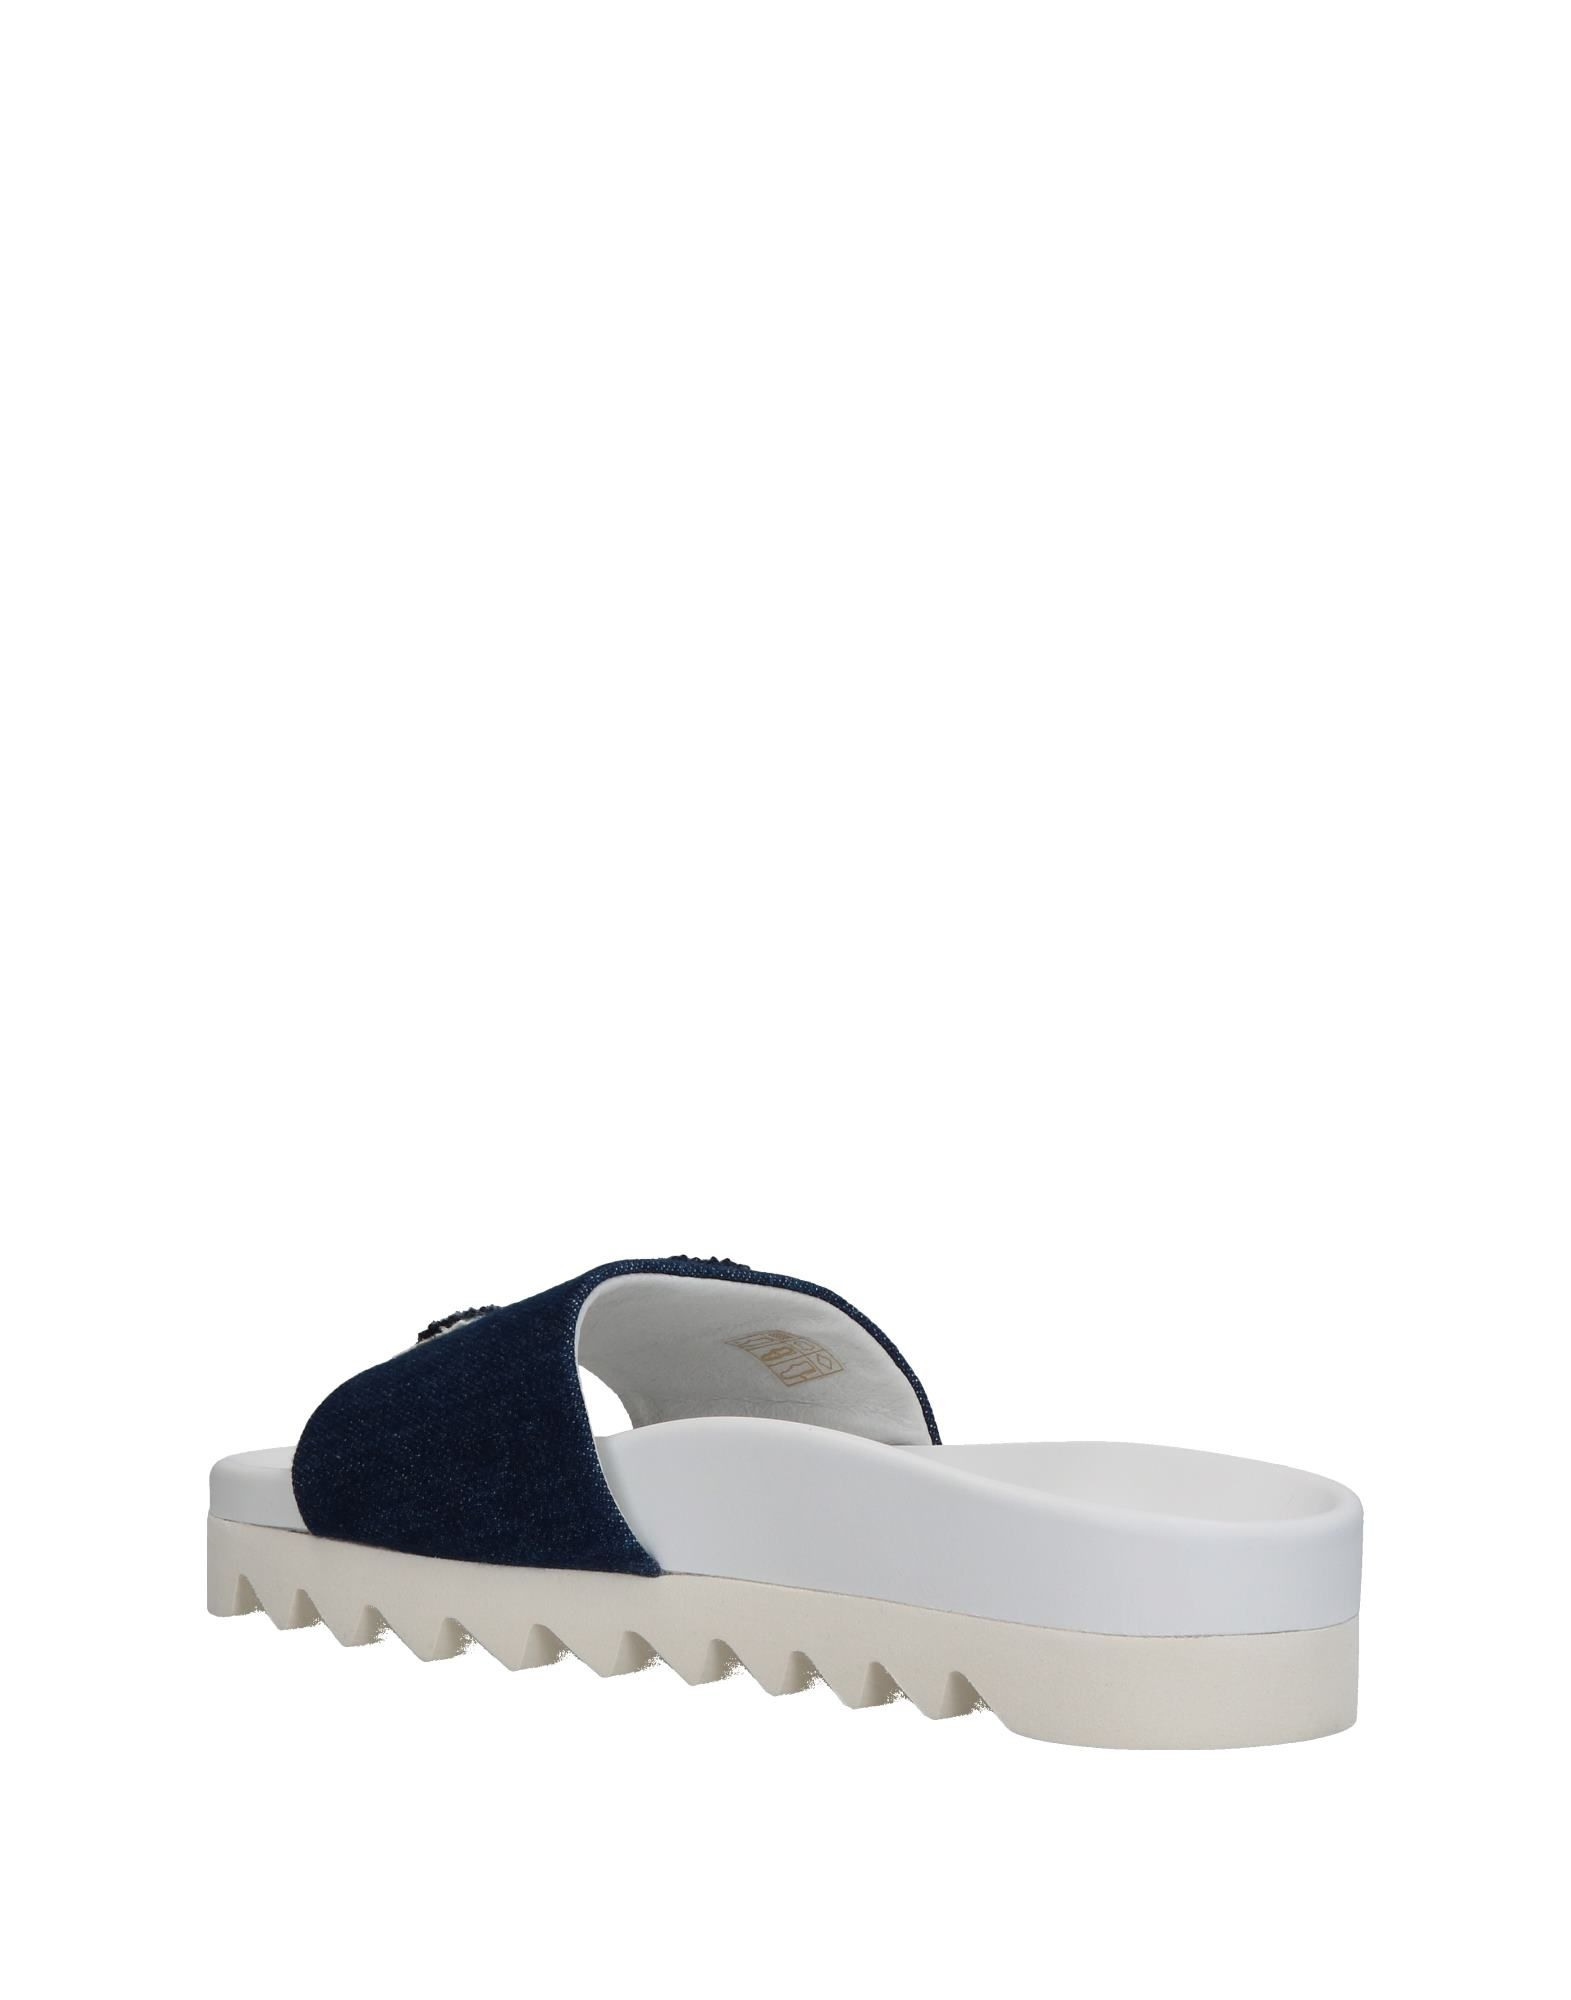 Joshua*S Sandalen Damen  11328824OS 11328824OS 11328824OS Gute Qualität beliebte Schuhe cb57dd